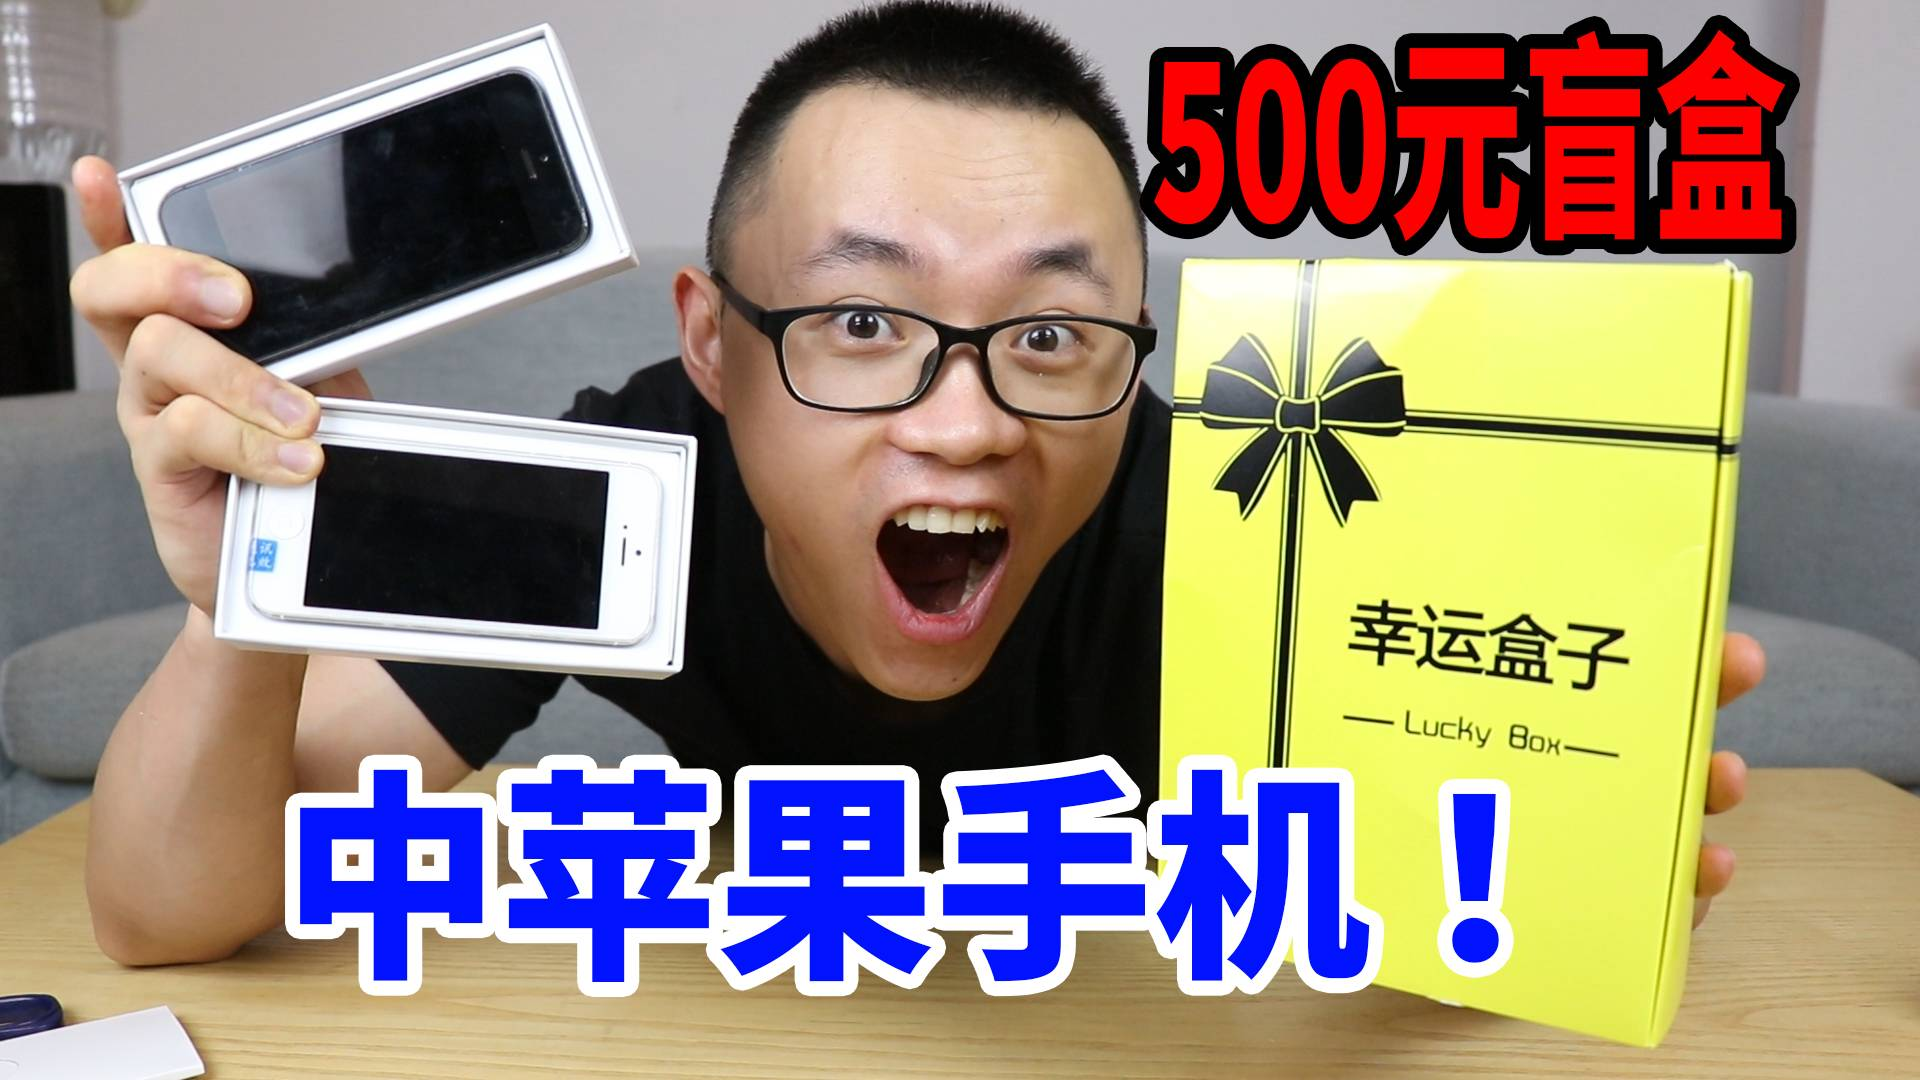 小伙500块买盲盒,真的中了两个苹果手机啊!